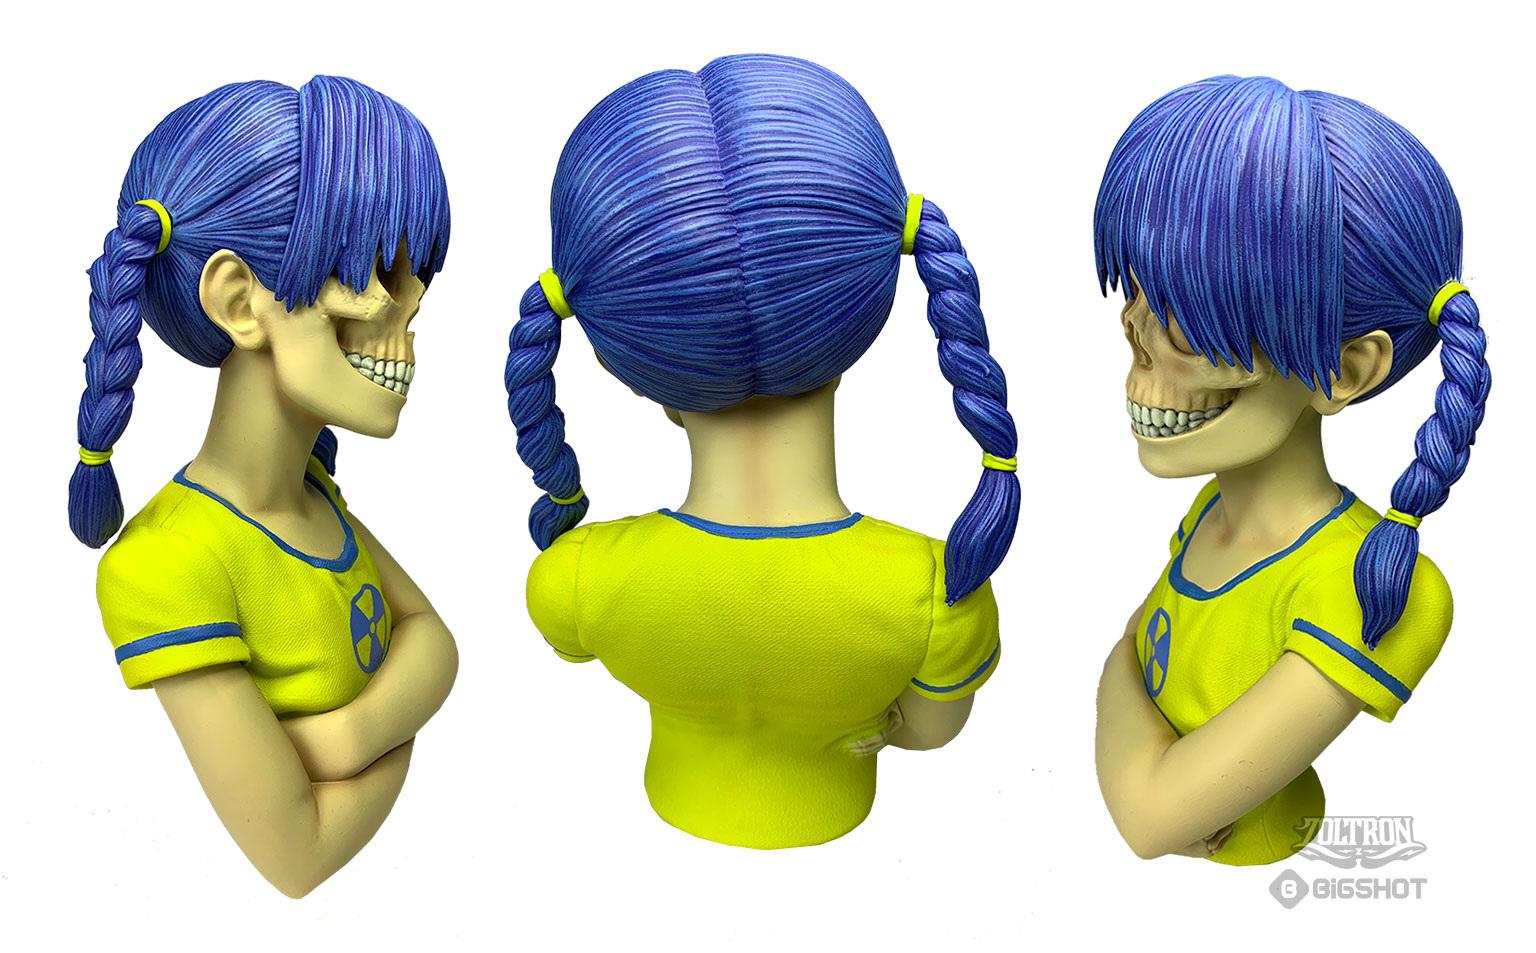 Sue-Nami-Zoltron-Sculpture-Yellow2_6_1536.jpg